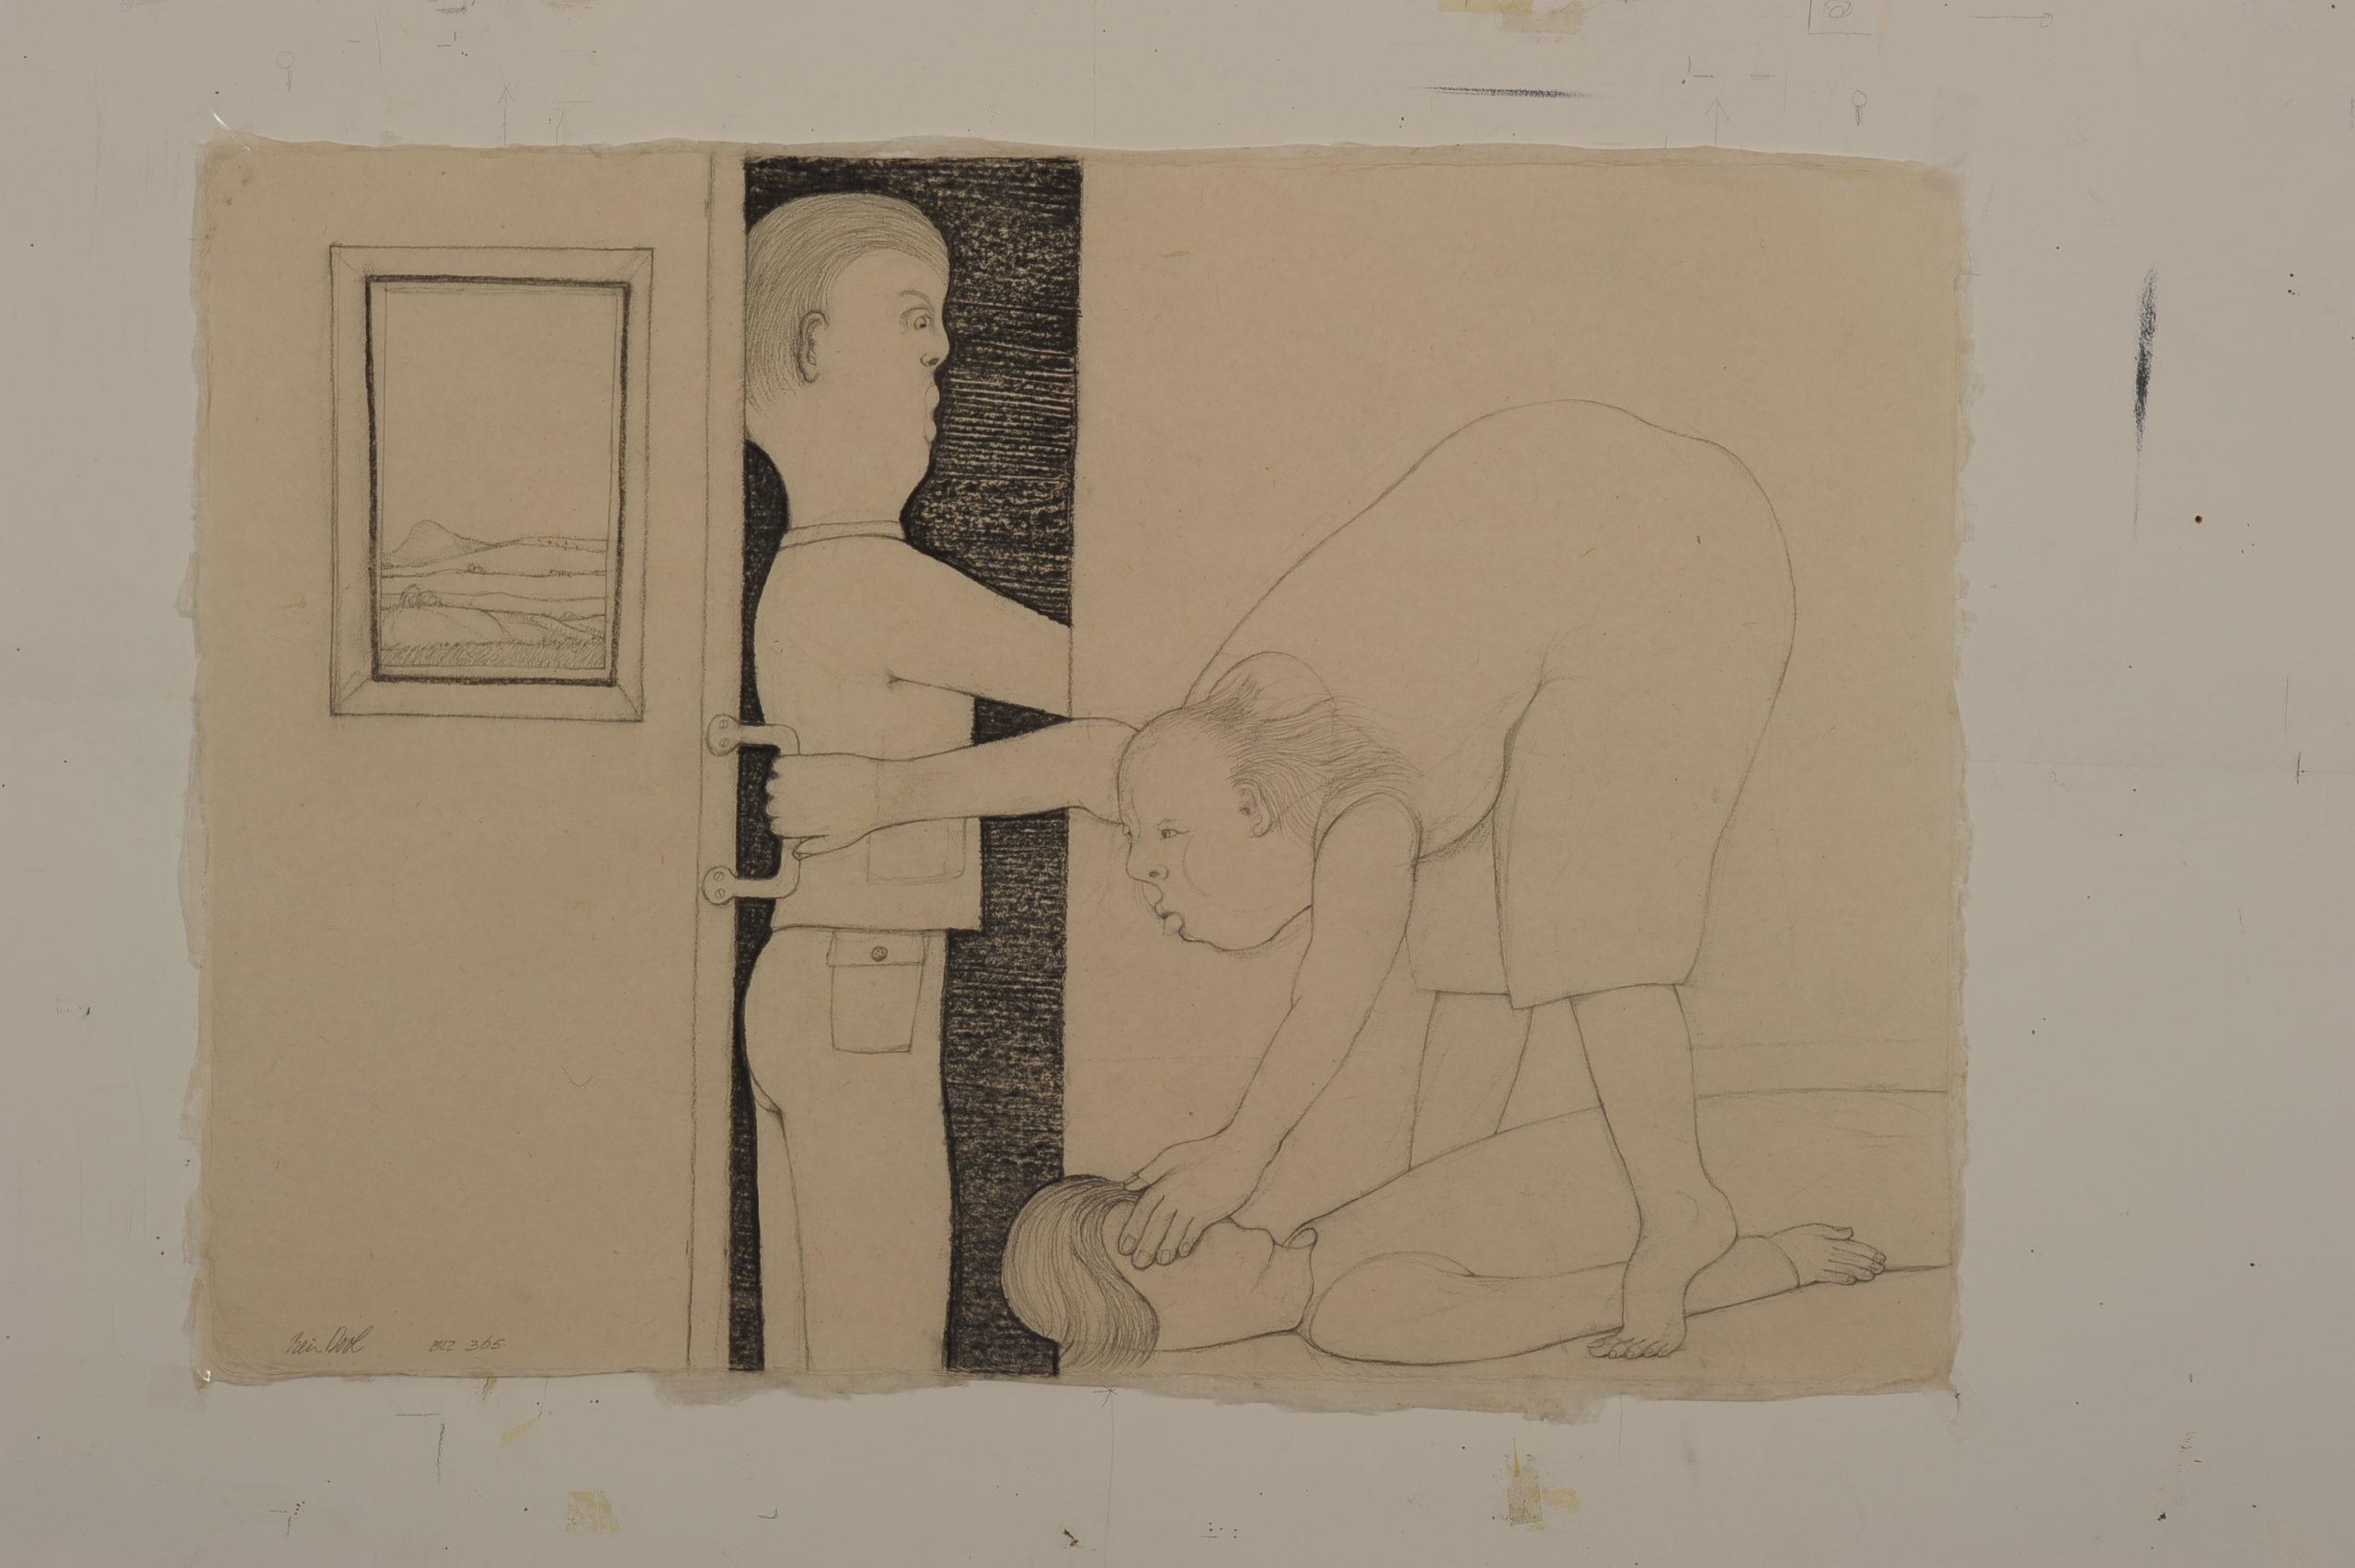 Zij bukt zich om iets op te rapen blz. 365 - Rein Dool, 70 x 110 cm. houtskool en potlood 2011